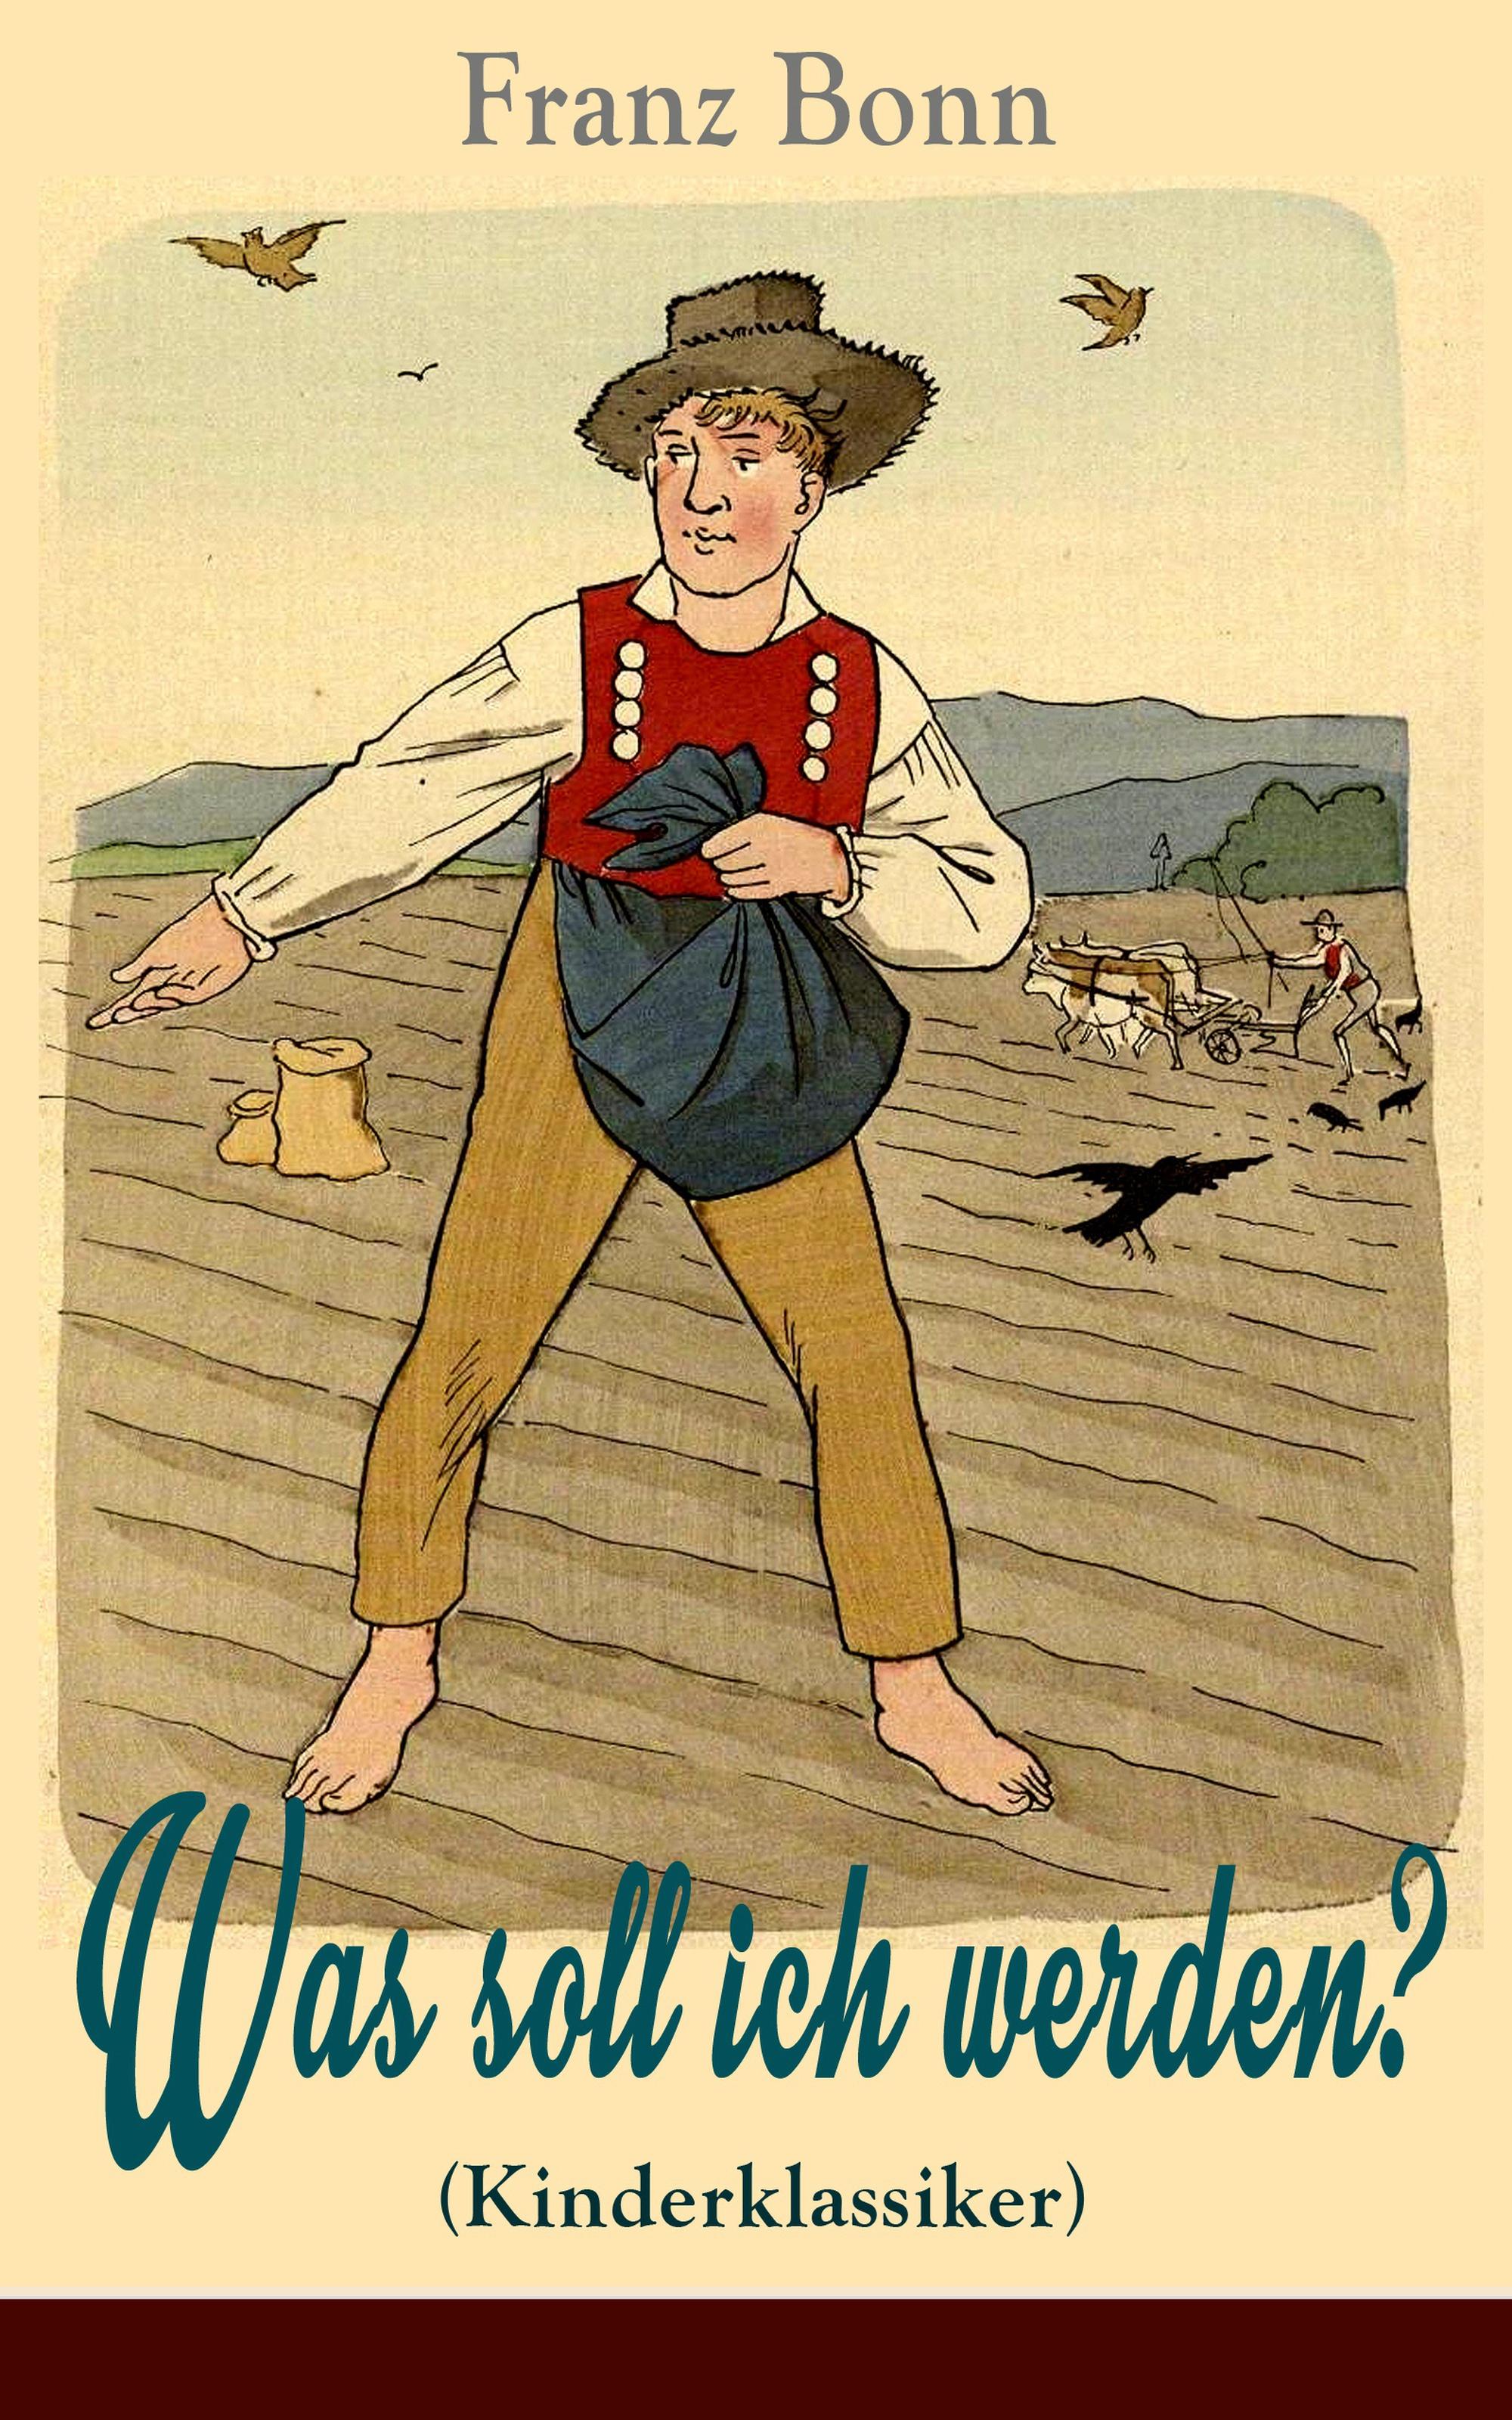 цена на Franz Bonn Was soll ich werden? (Kinderklassiker) - mit Originalillustrationen